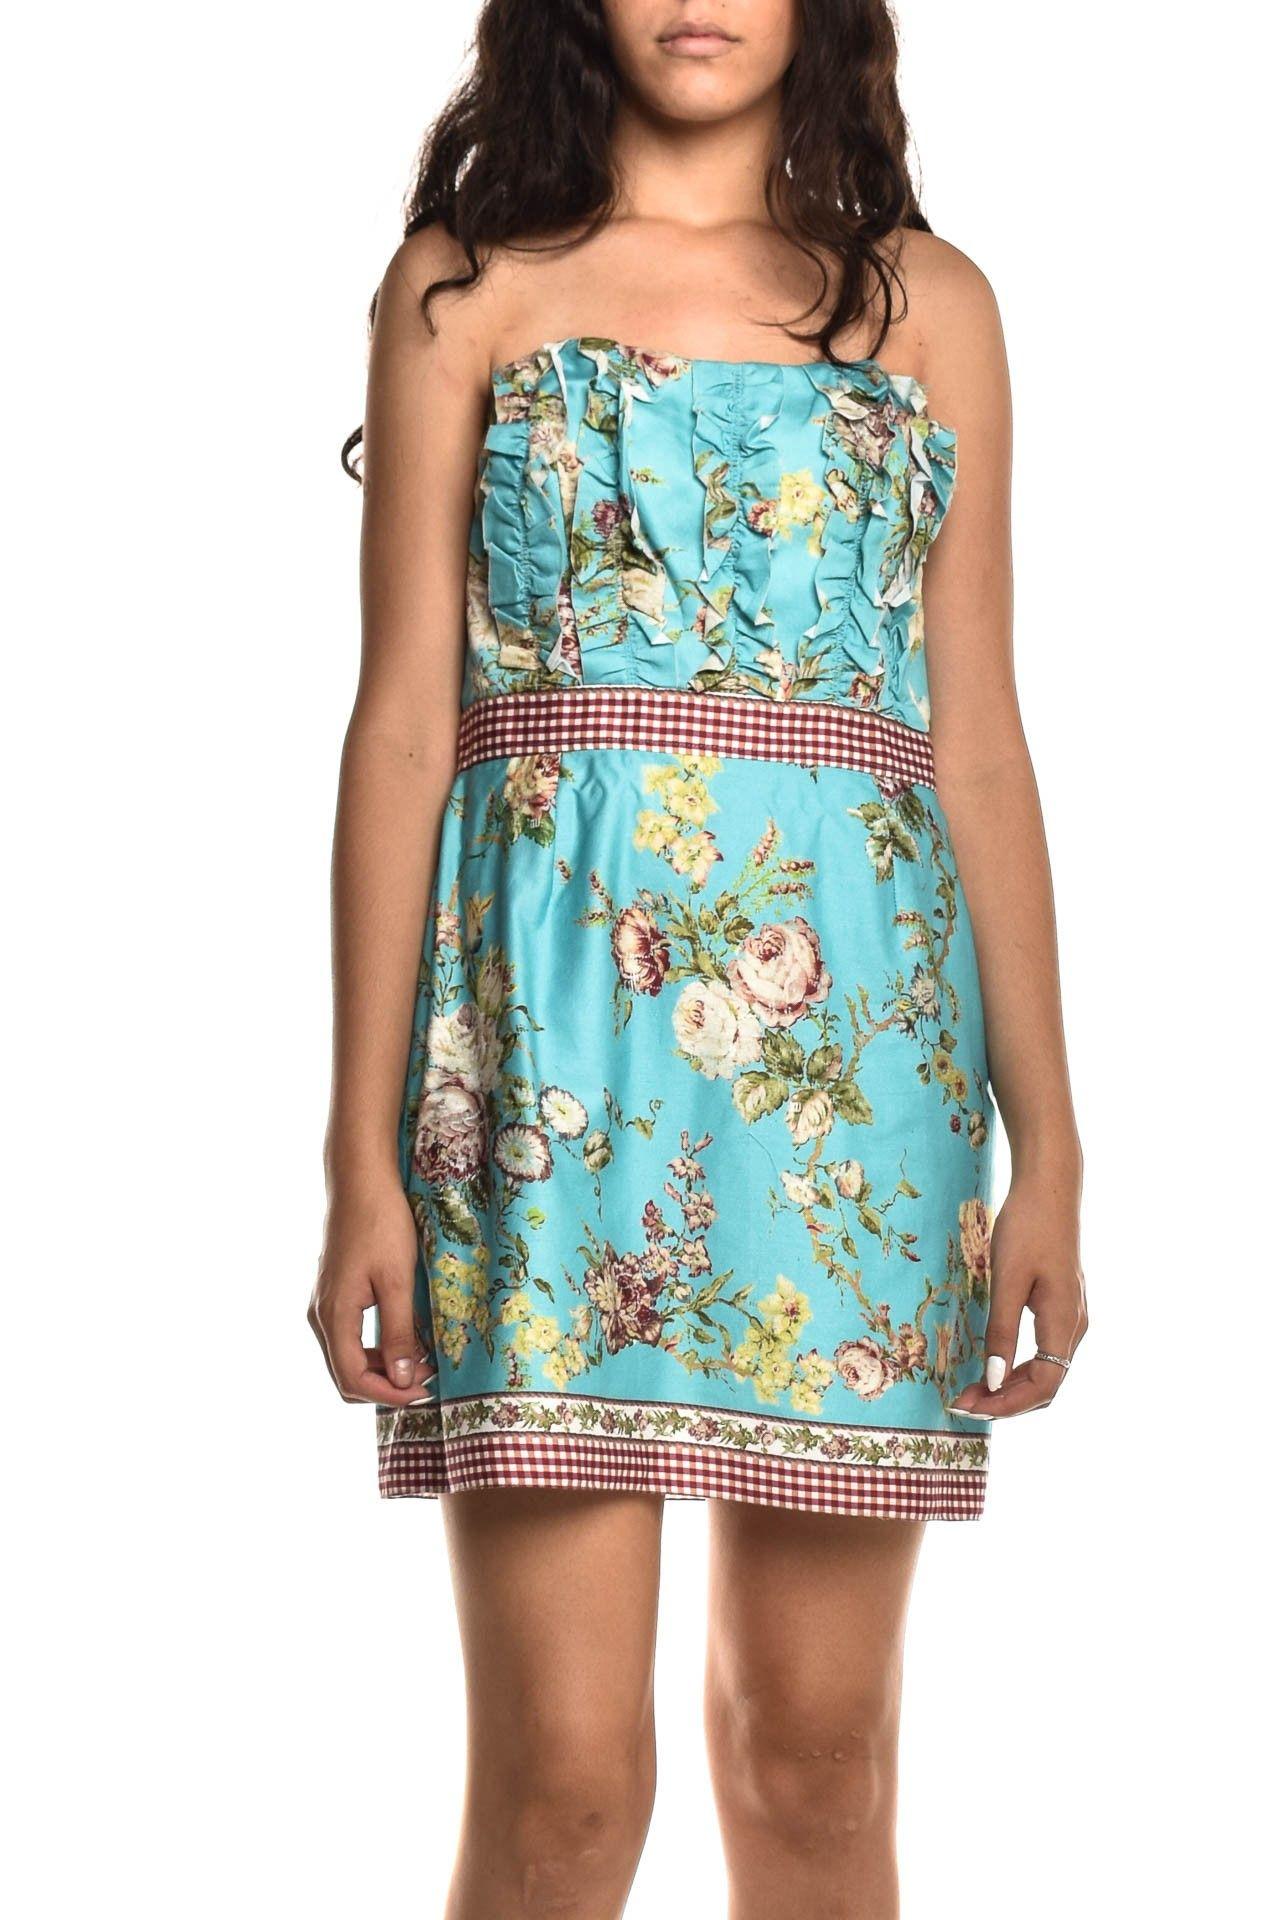 Daslu - Vestido Estampa Floral - Foto 1